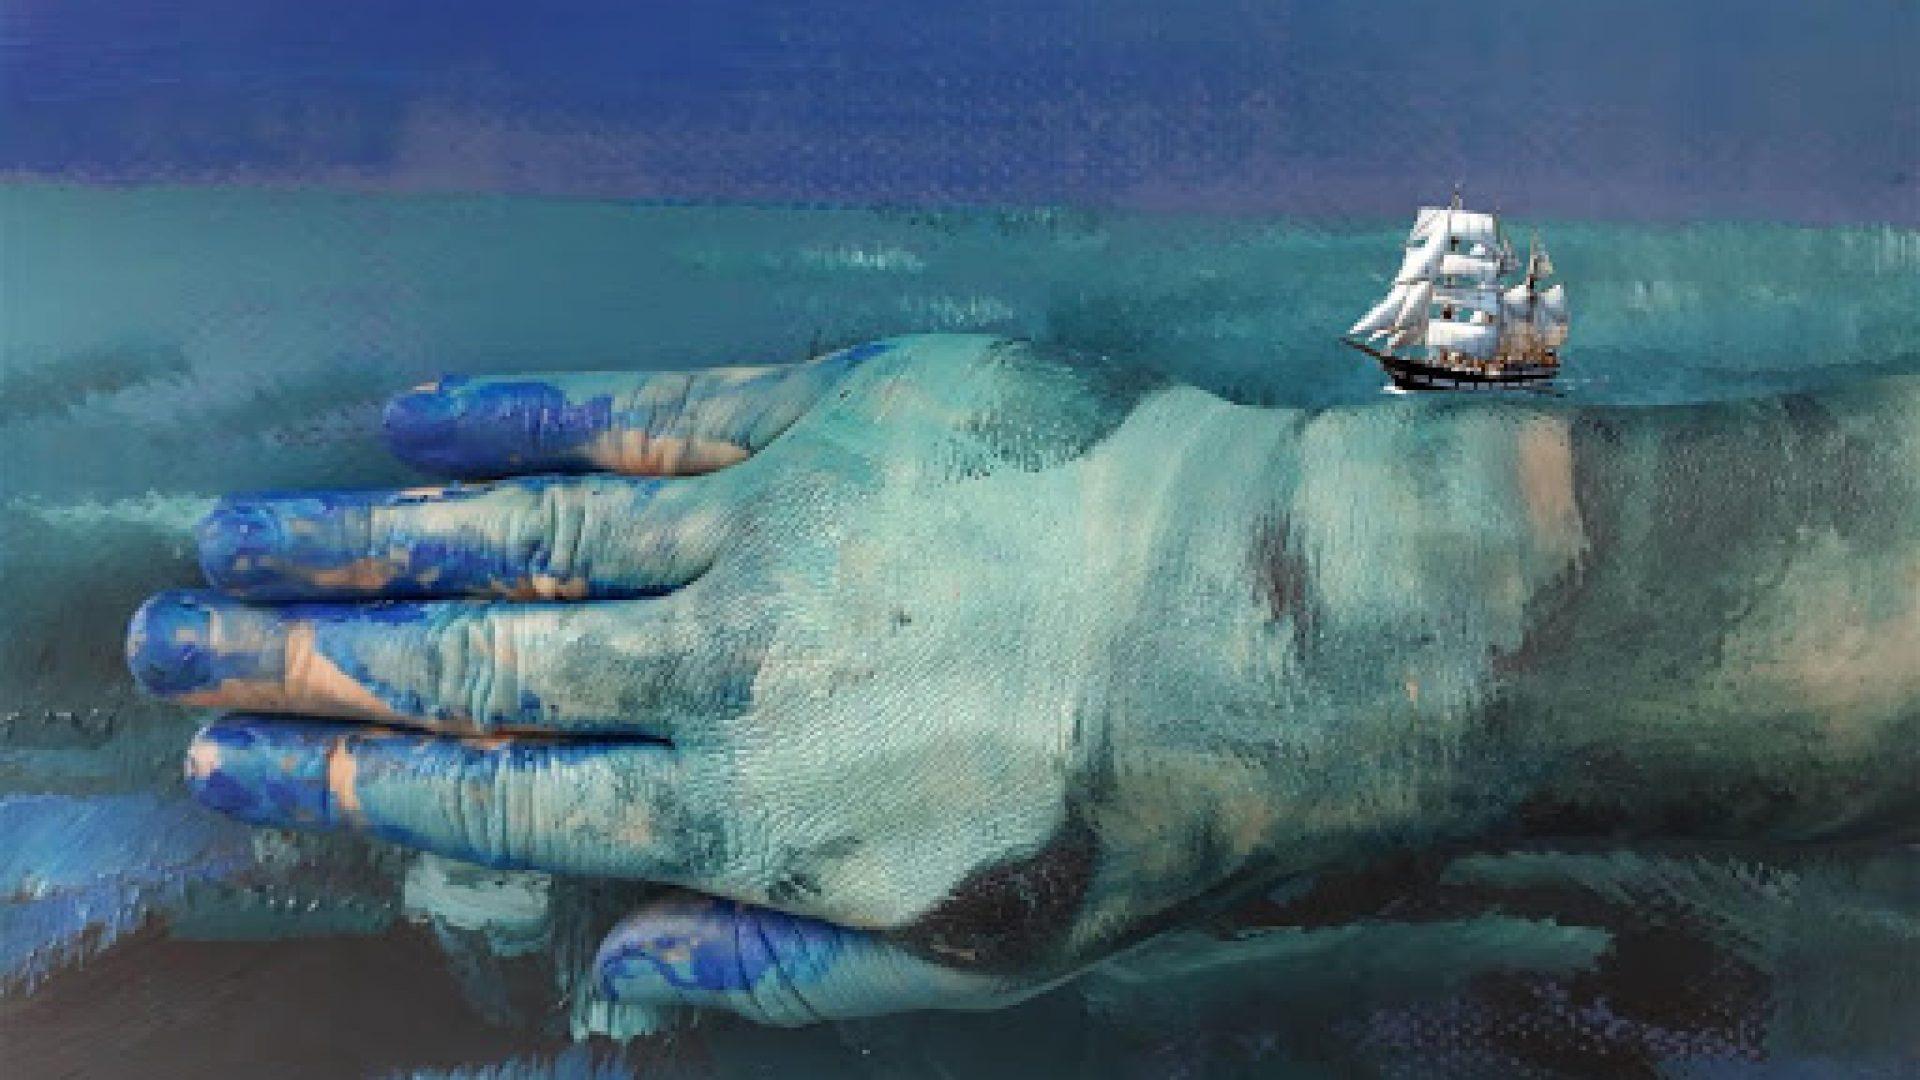 Skip som flyter på ei blå hånd